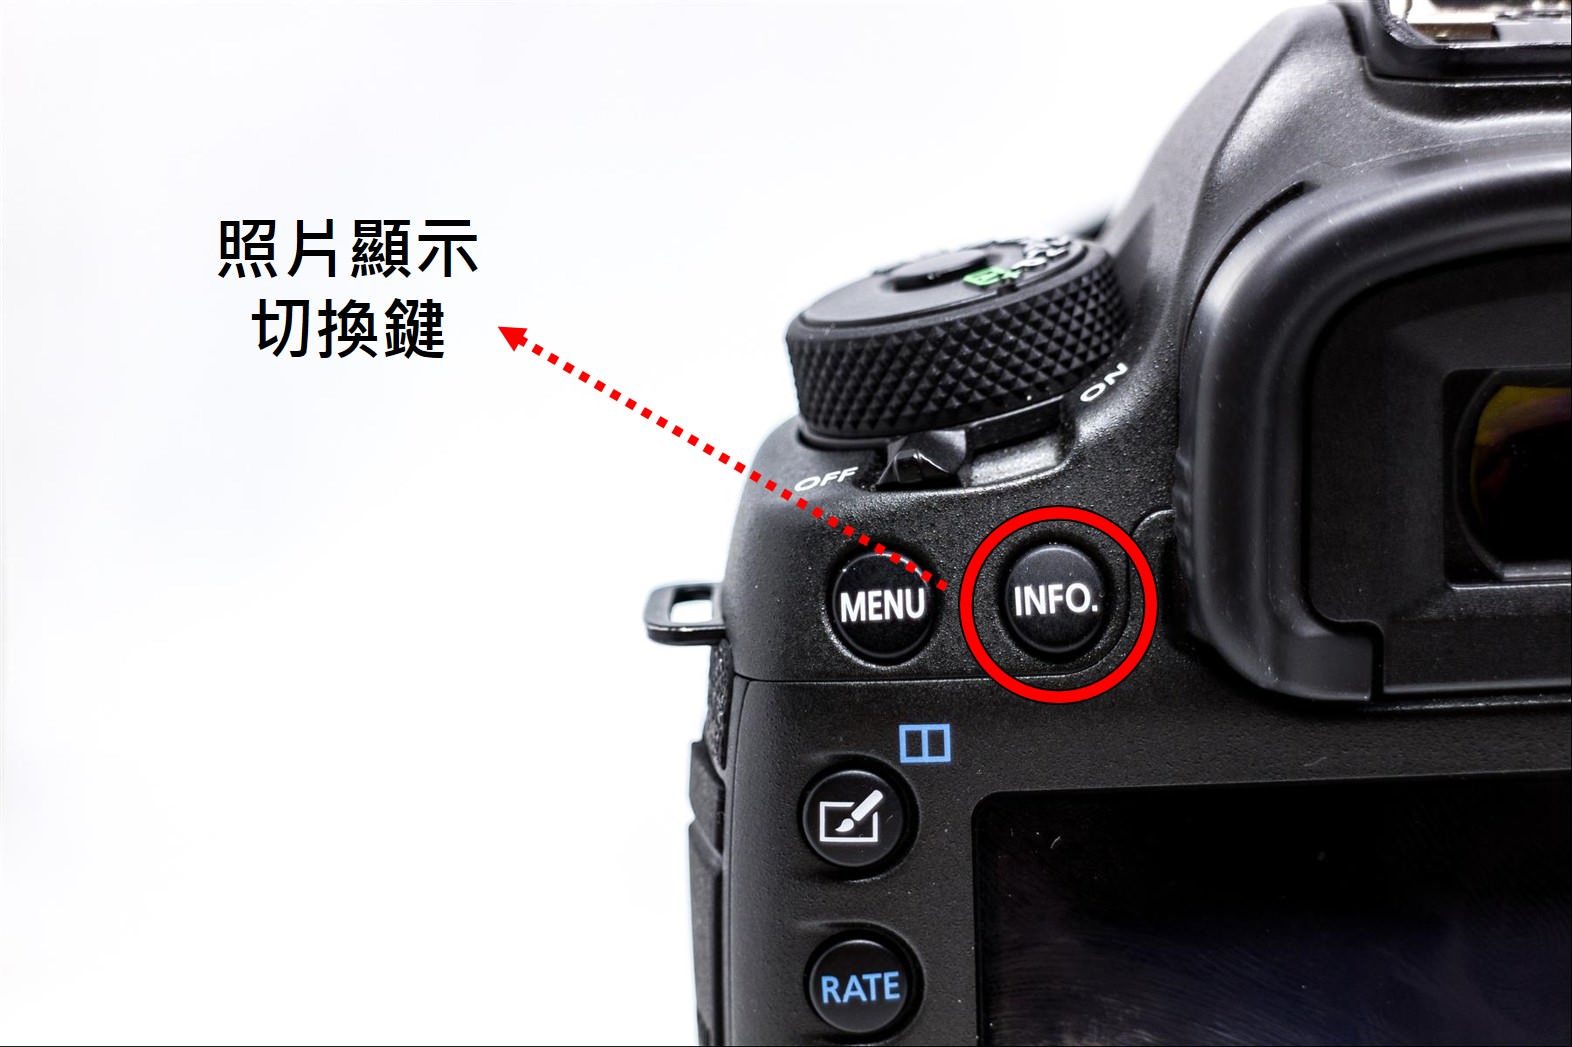 照片資訊顯示方式